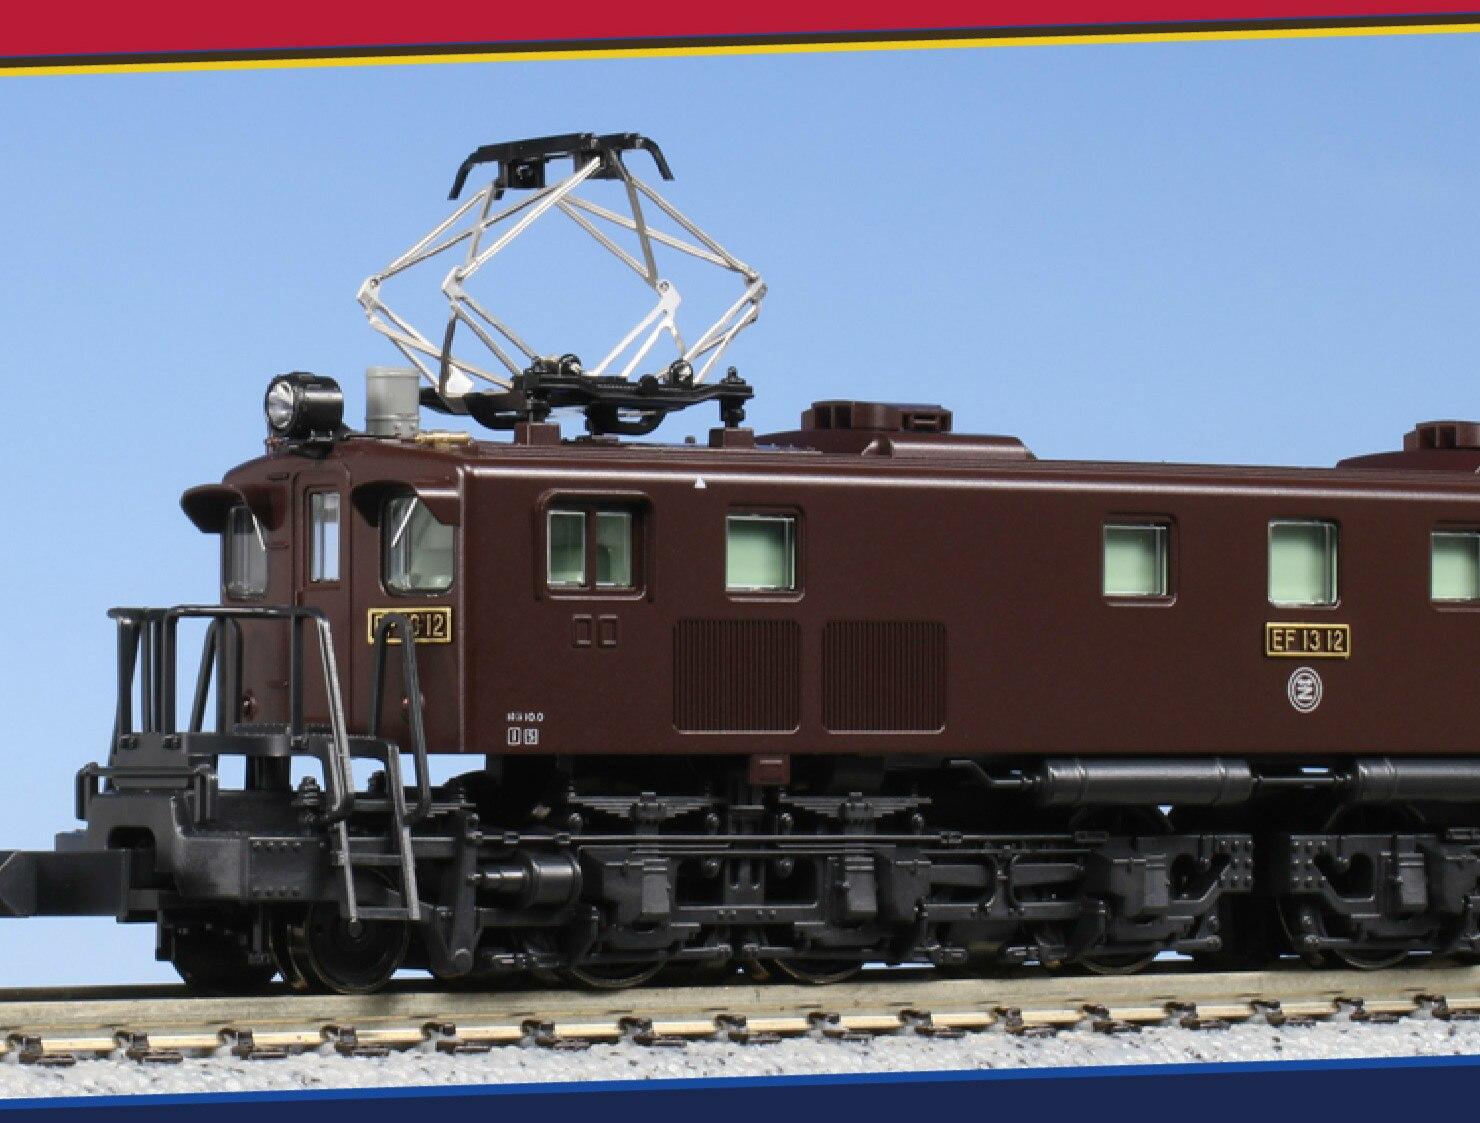 N Modèle Proportionnelle Train Modèle Locomotive Électrique EF1312 jouet voiture Pour Enfants Livraison Gratuite